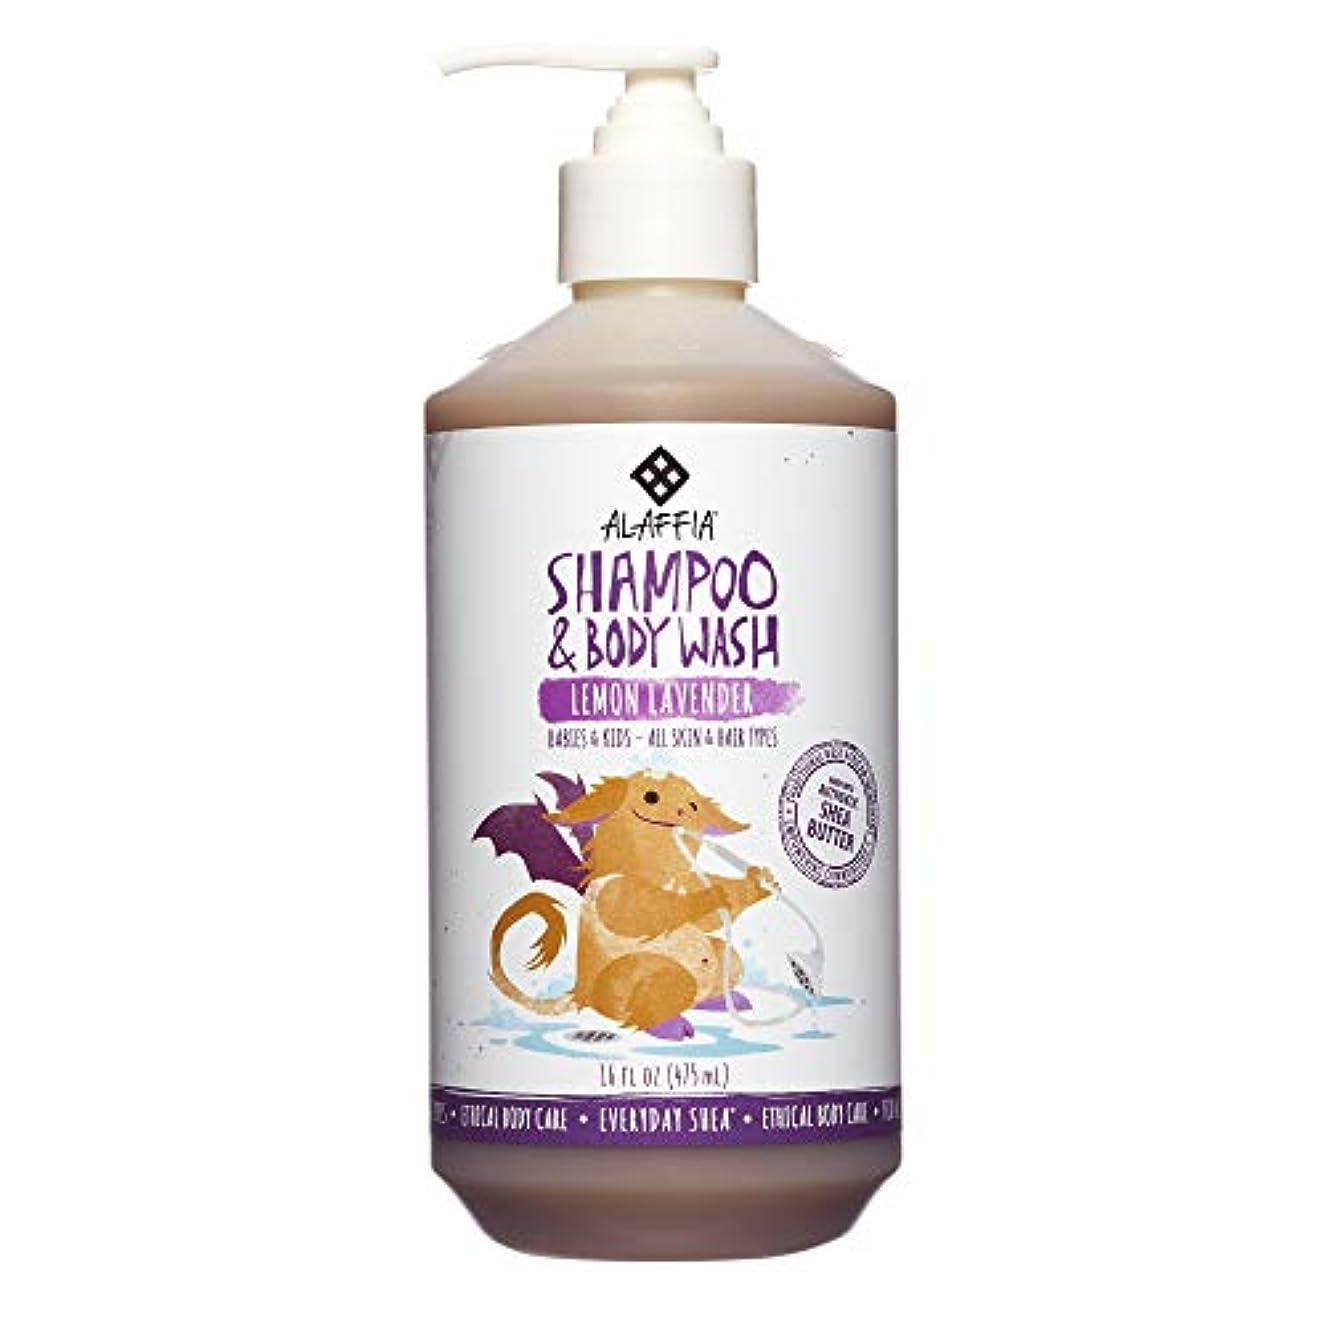 調和のとれた歌詞アスペクトAlaffia Everyday Shea Shampoo & Body Wash for Babies and Up Lemon Lavender 16 oz Size: 16 oz CustomerPackageType...